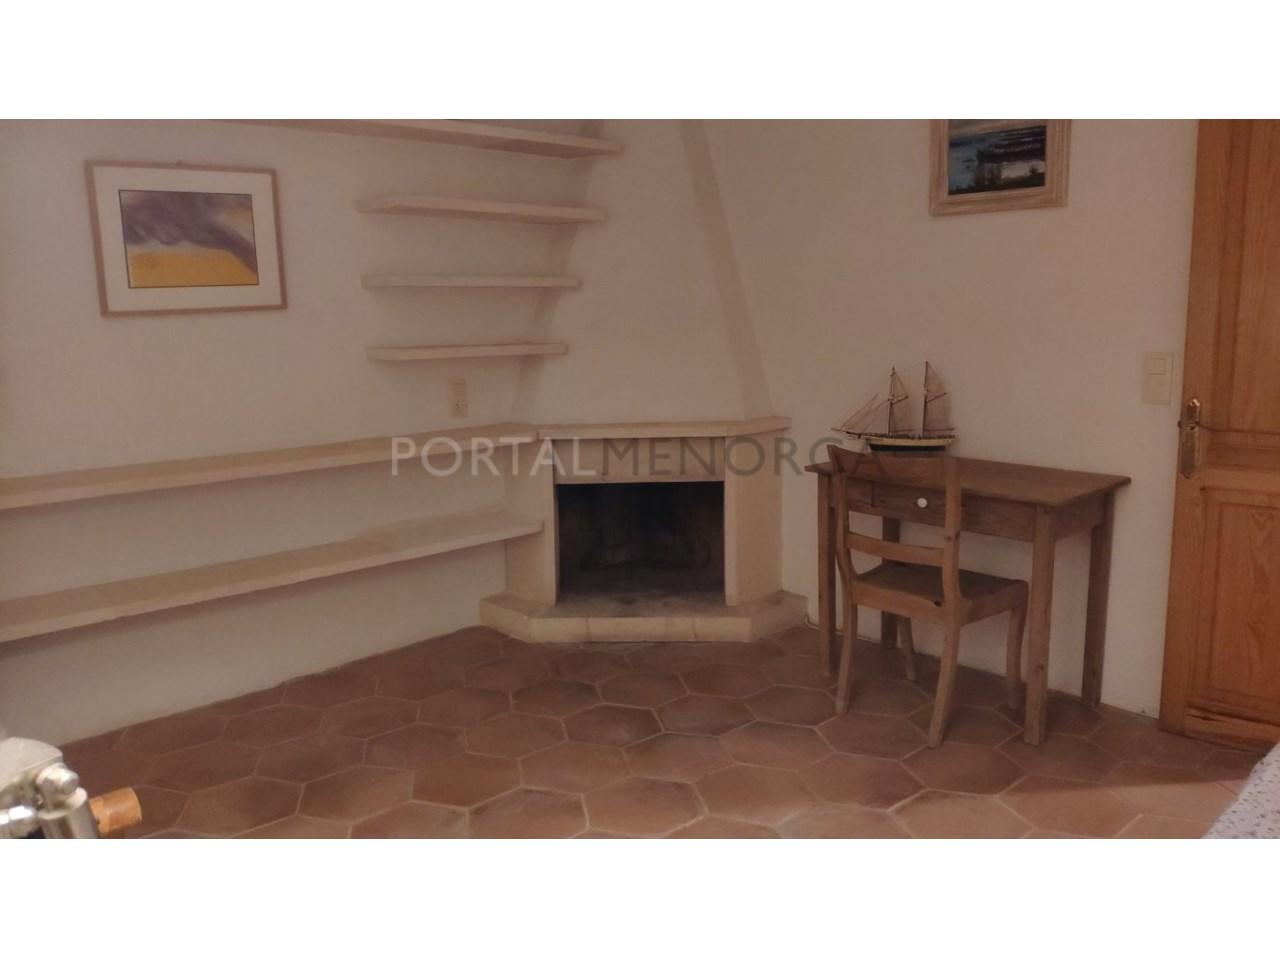 casa reformada en venta en Ciutadella de Menorca salón con chimenea 3 (FILEminimizer)